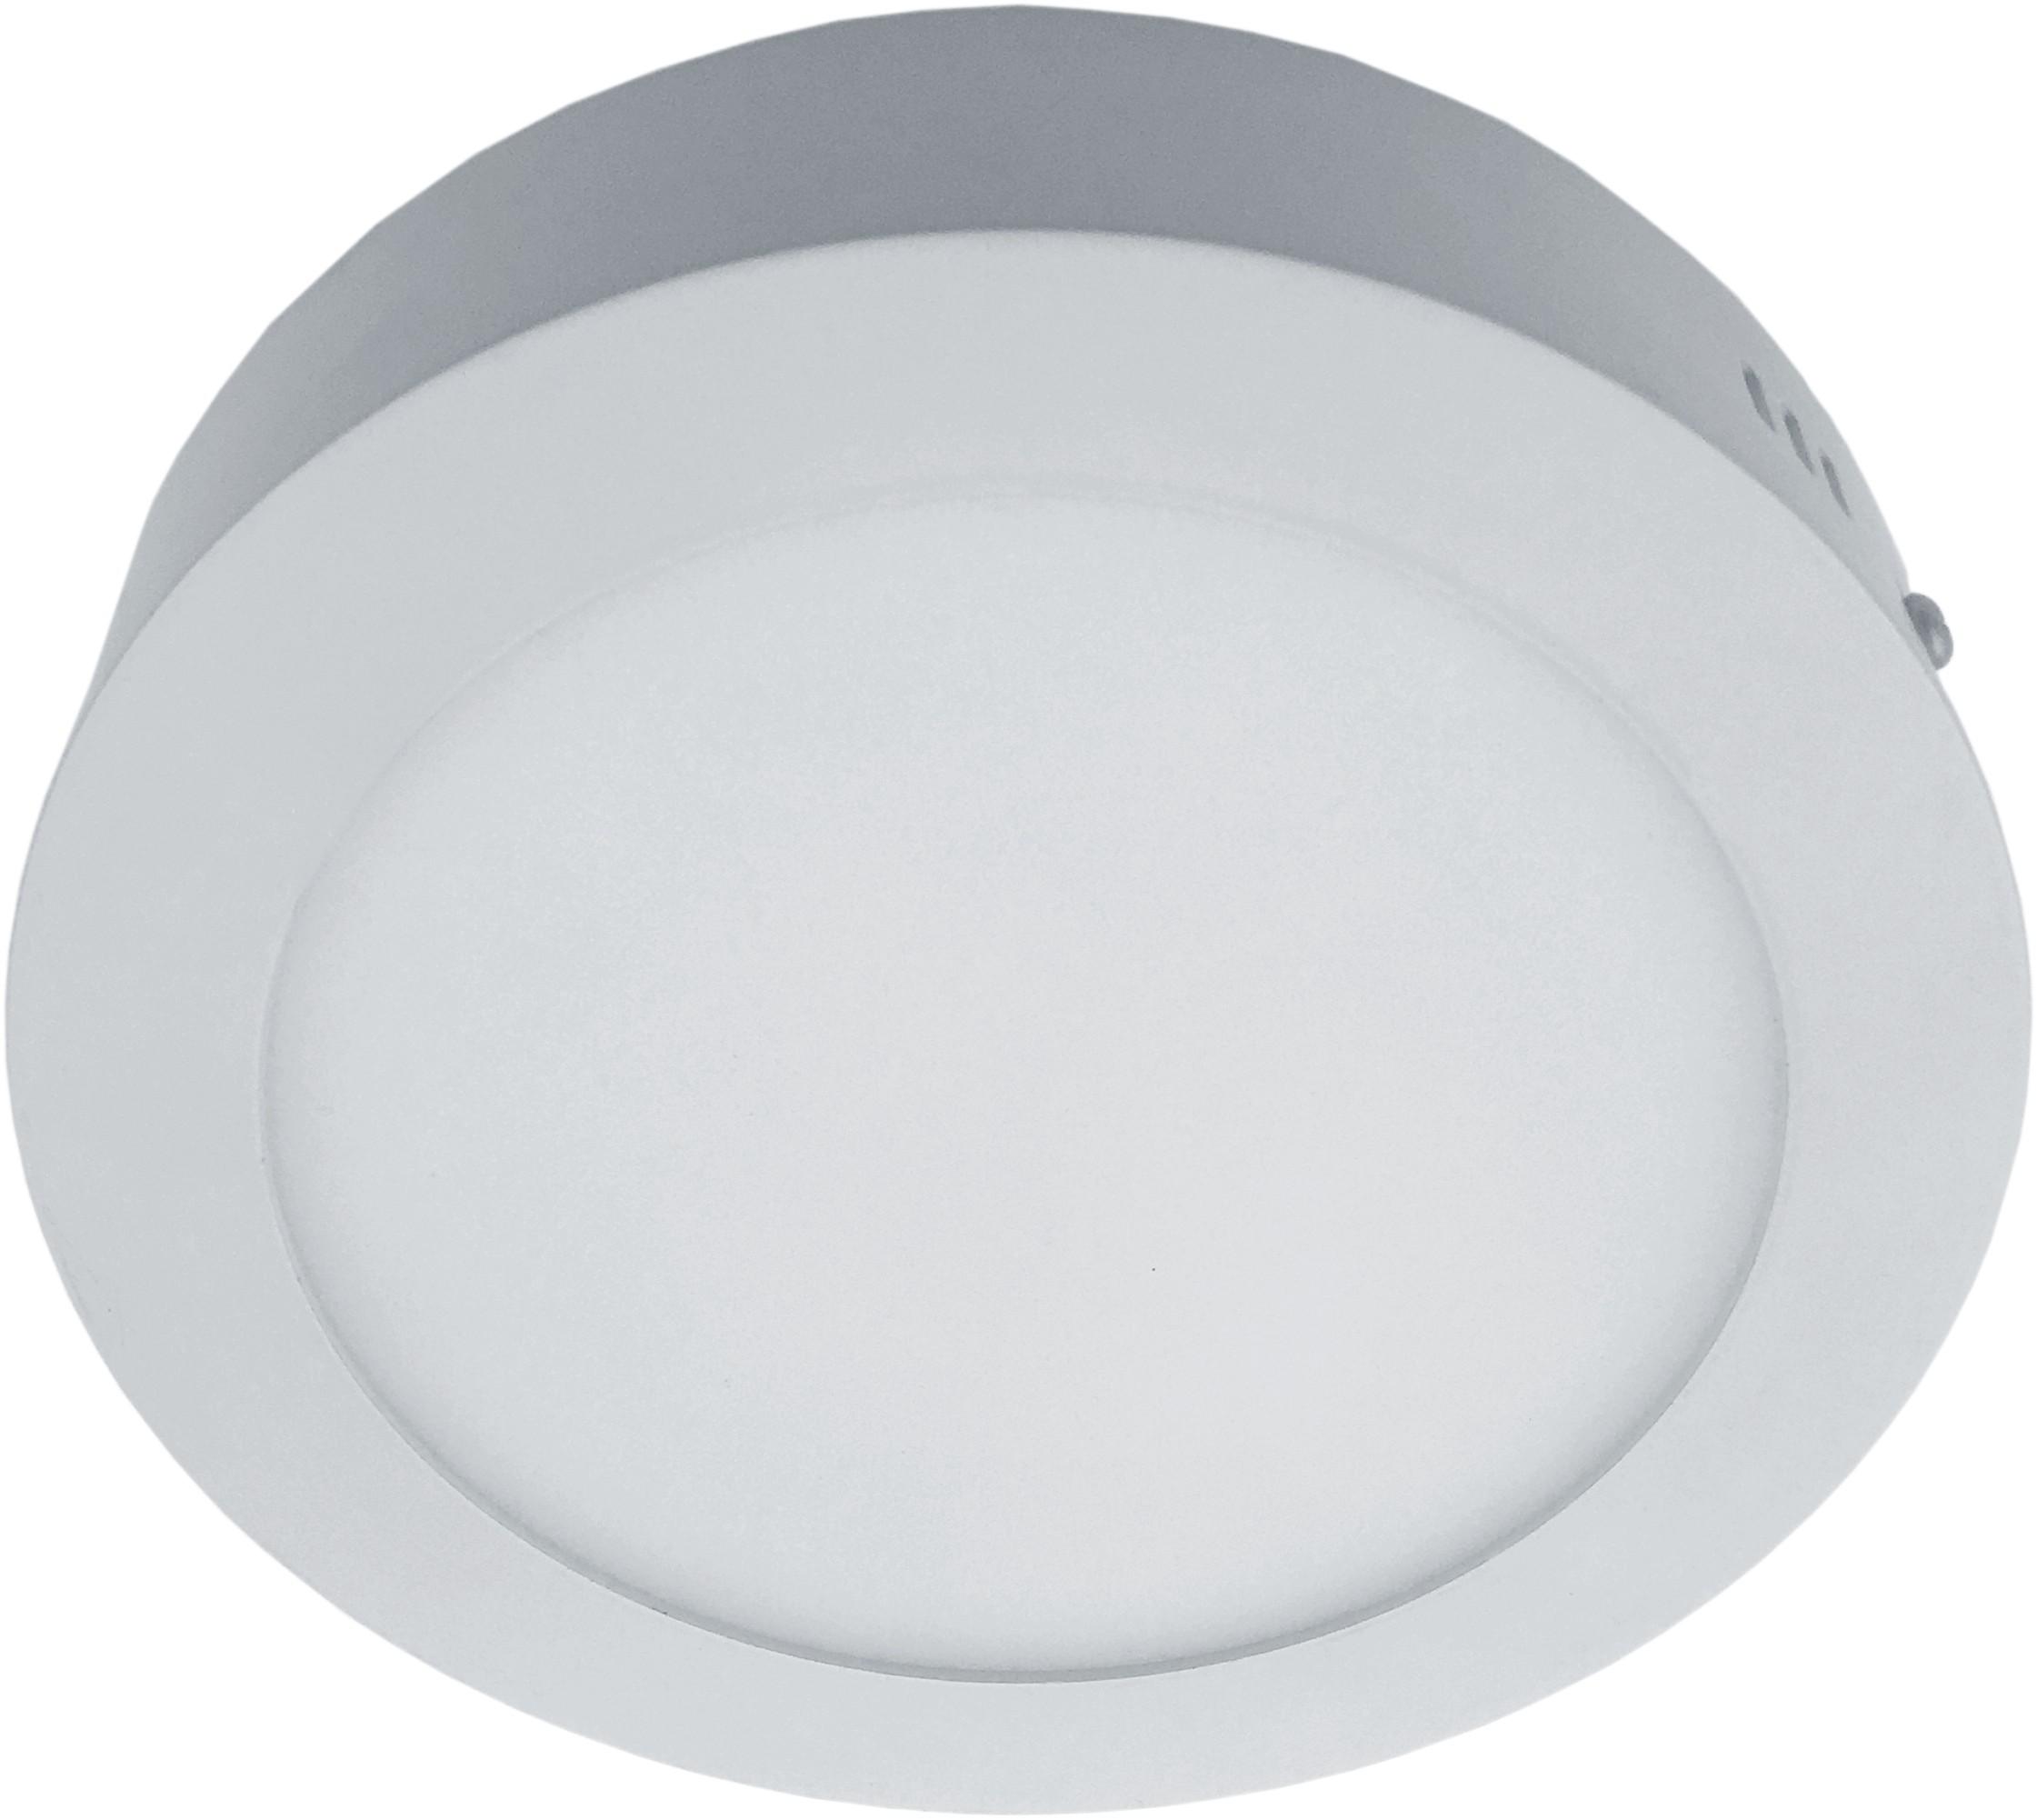 Светильник встраиваемый Arte lamp A3008pl-1wh arte lamp встраиваемый светодиодный светильник arte lamp cardani a1212pl 1wh